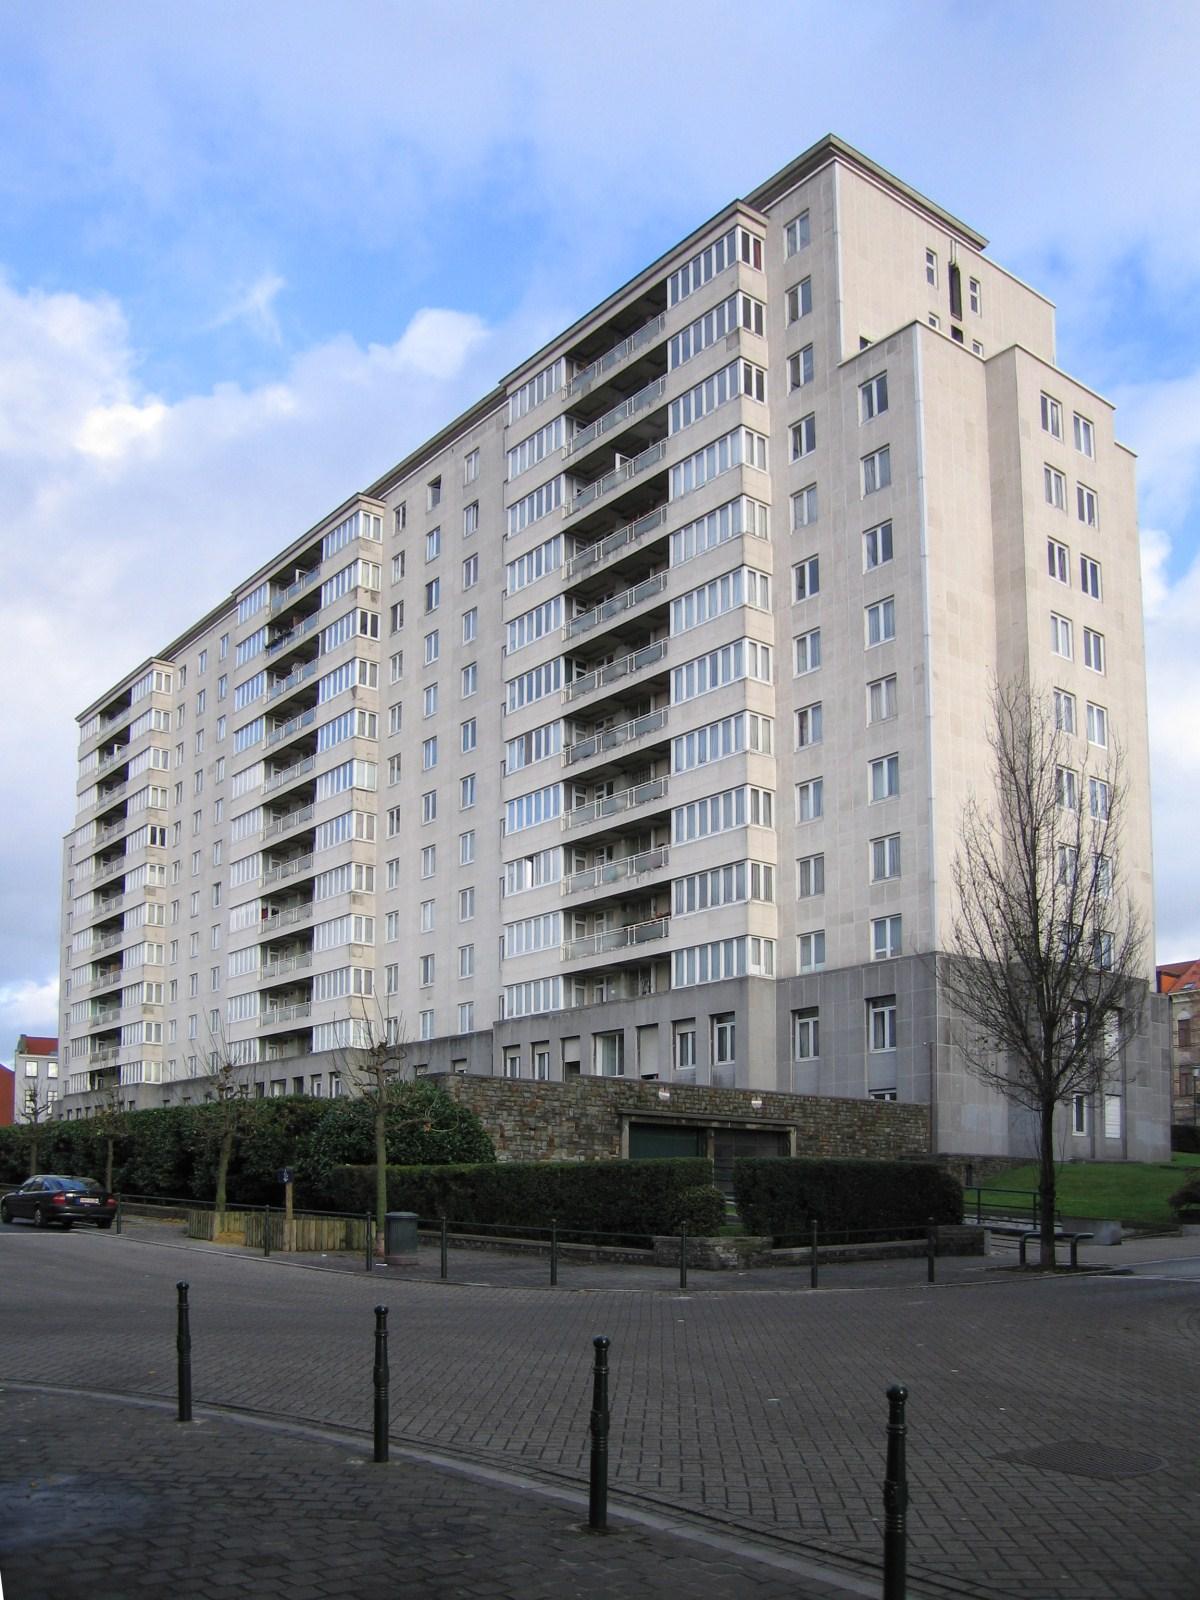 Bruxelles extension est rue luther for Architecte bruxelles